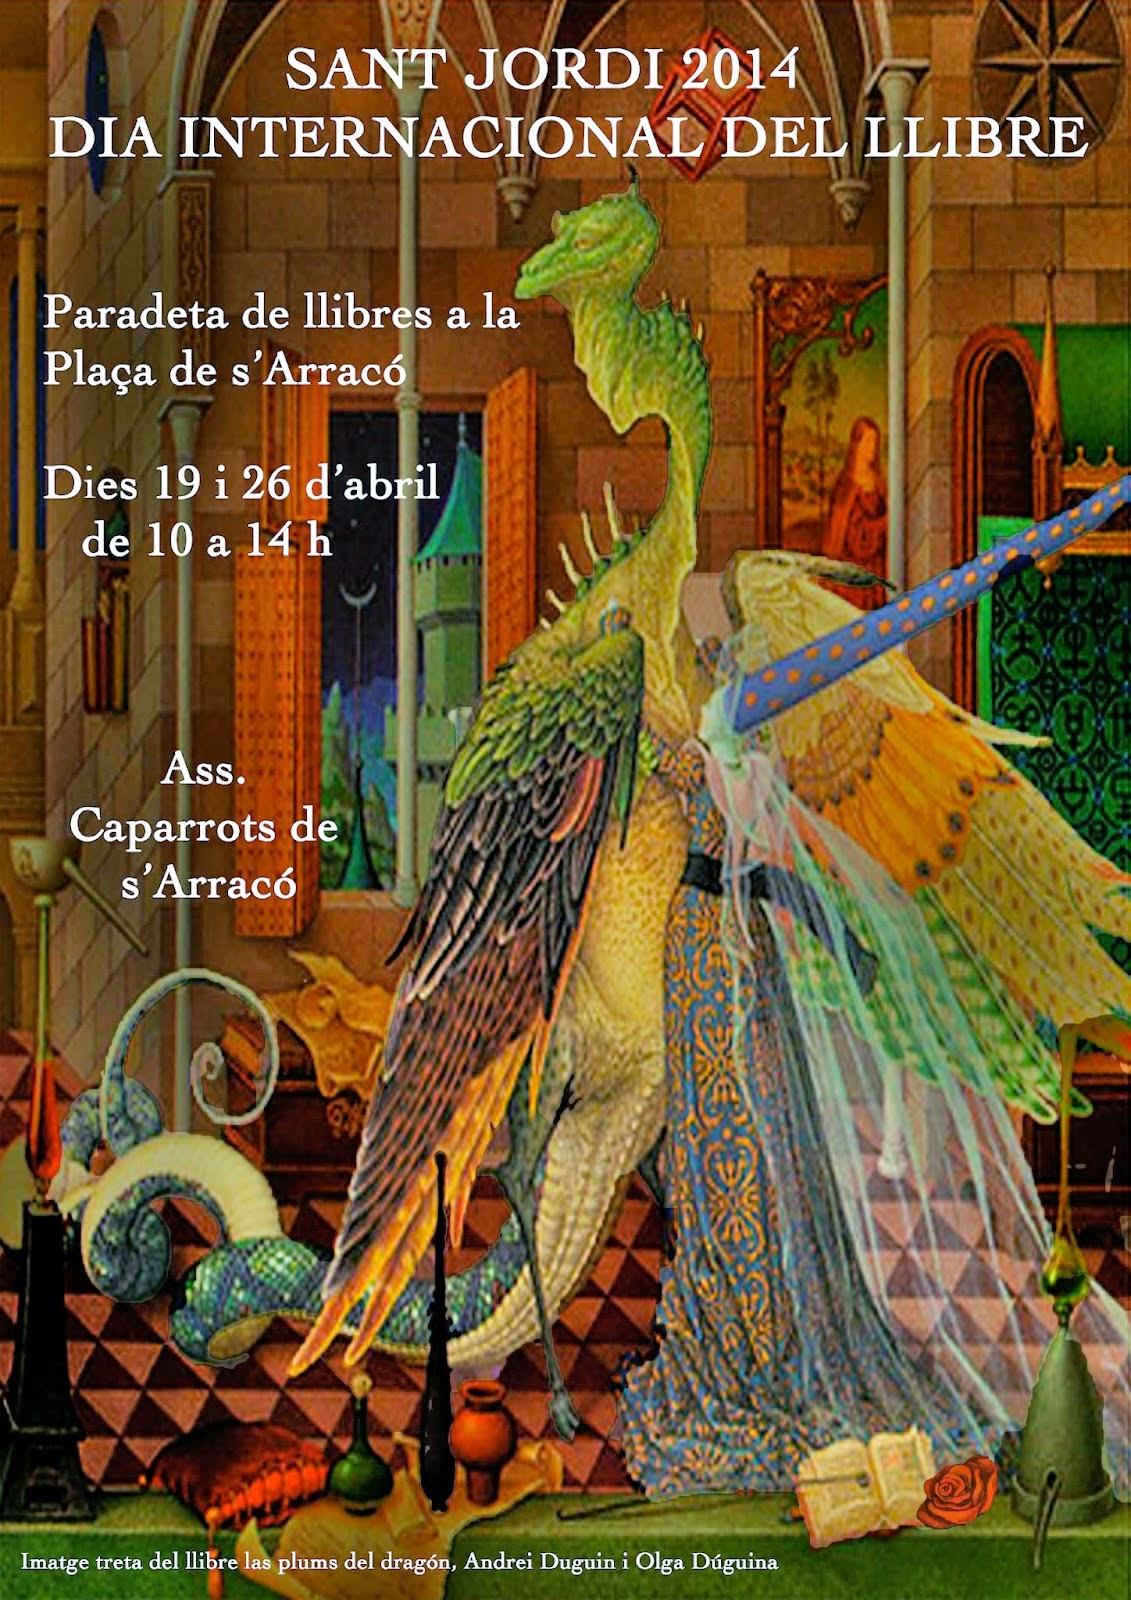 http://www.andratxnews.com/2014/04/llibres-sarraco.html